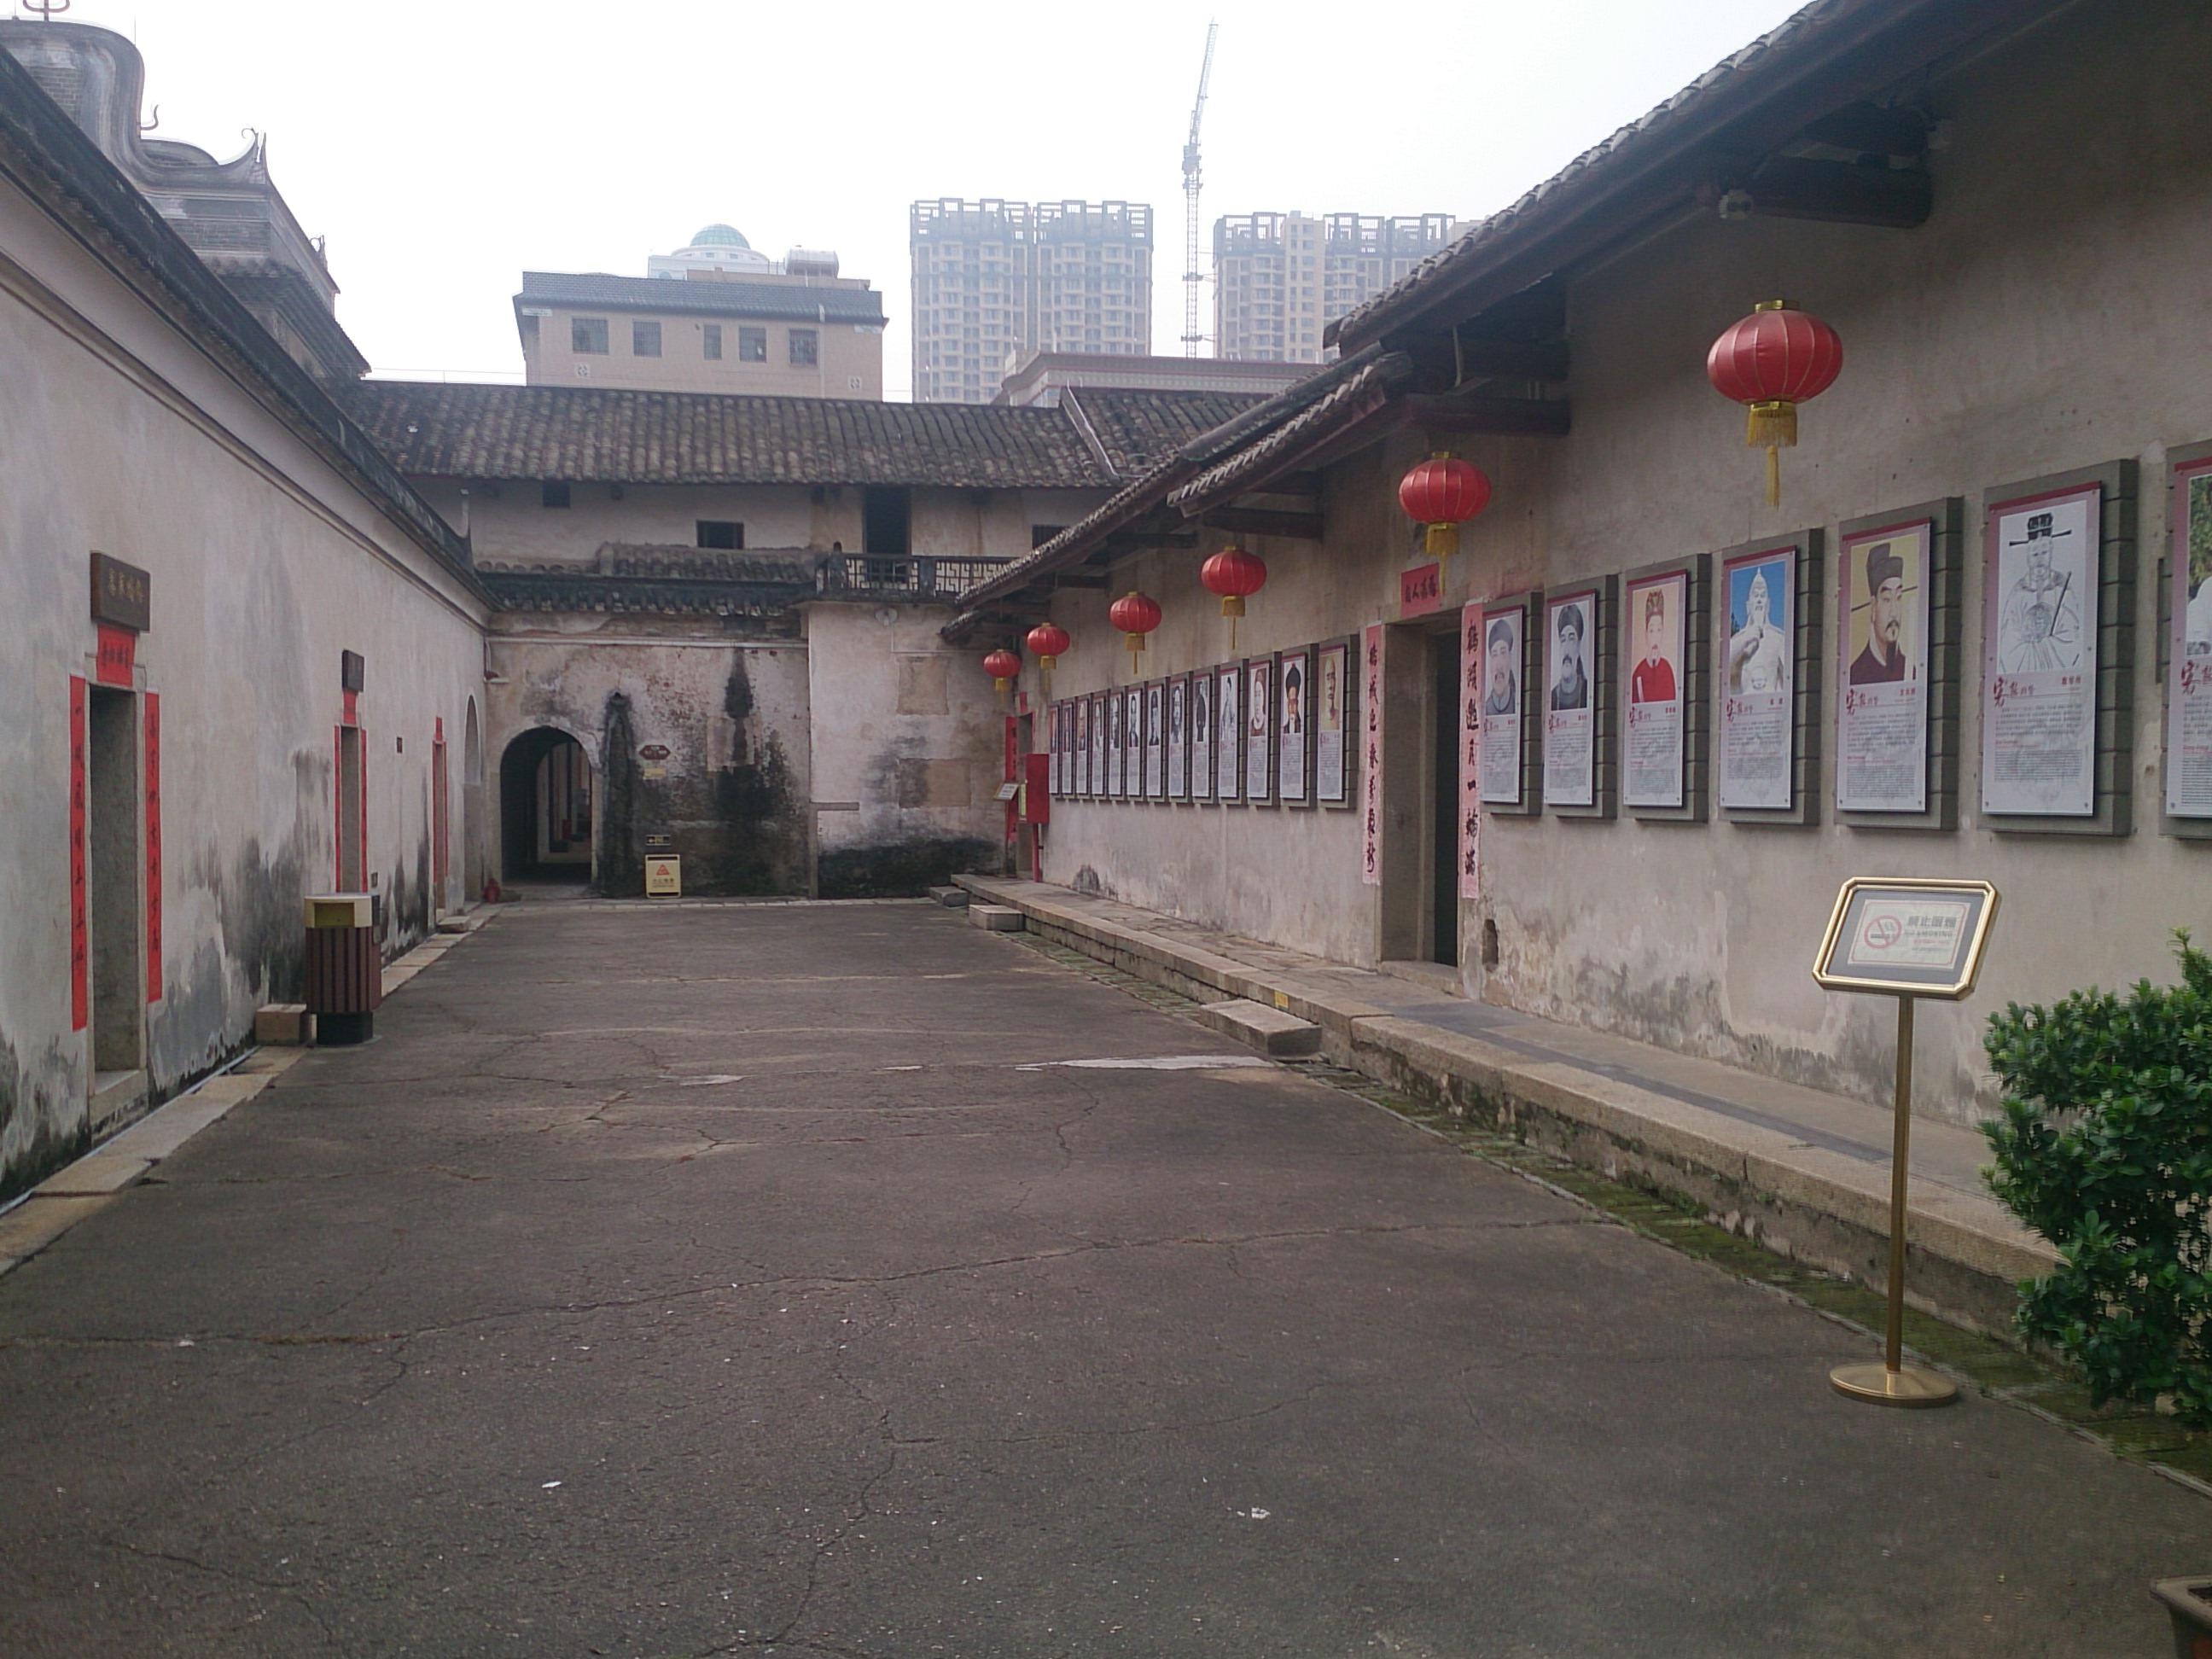 中国最大の客家囲屋跡 龍崗客家民族博物館